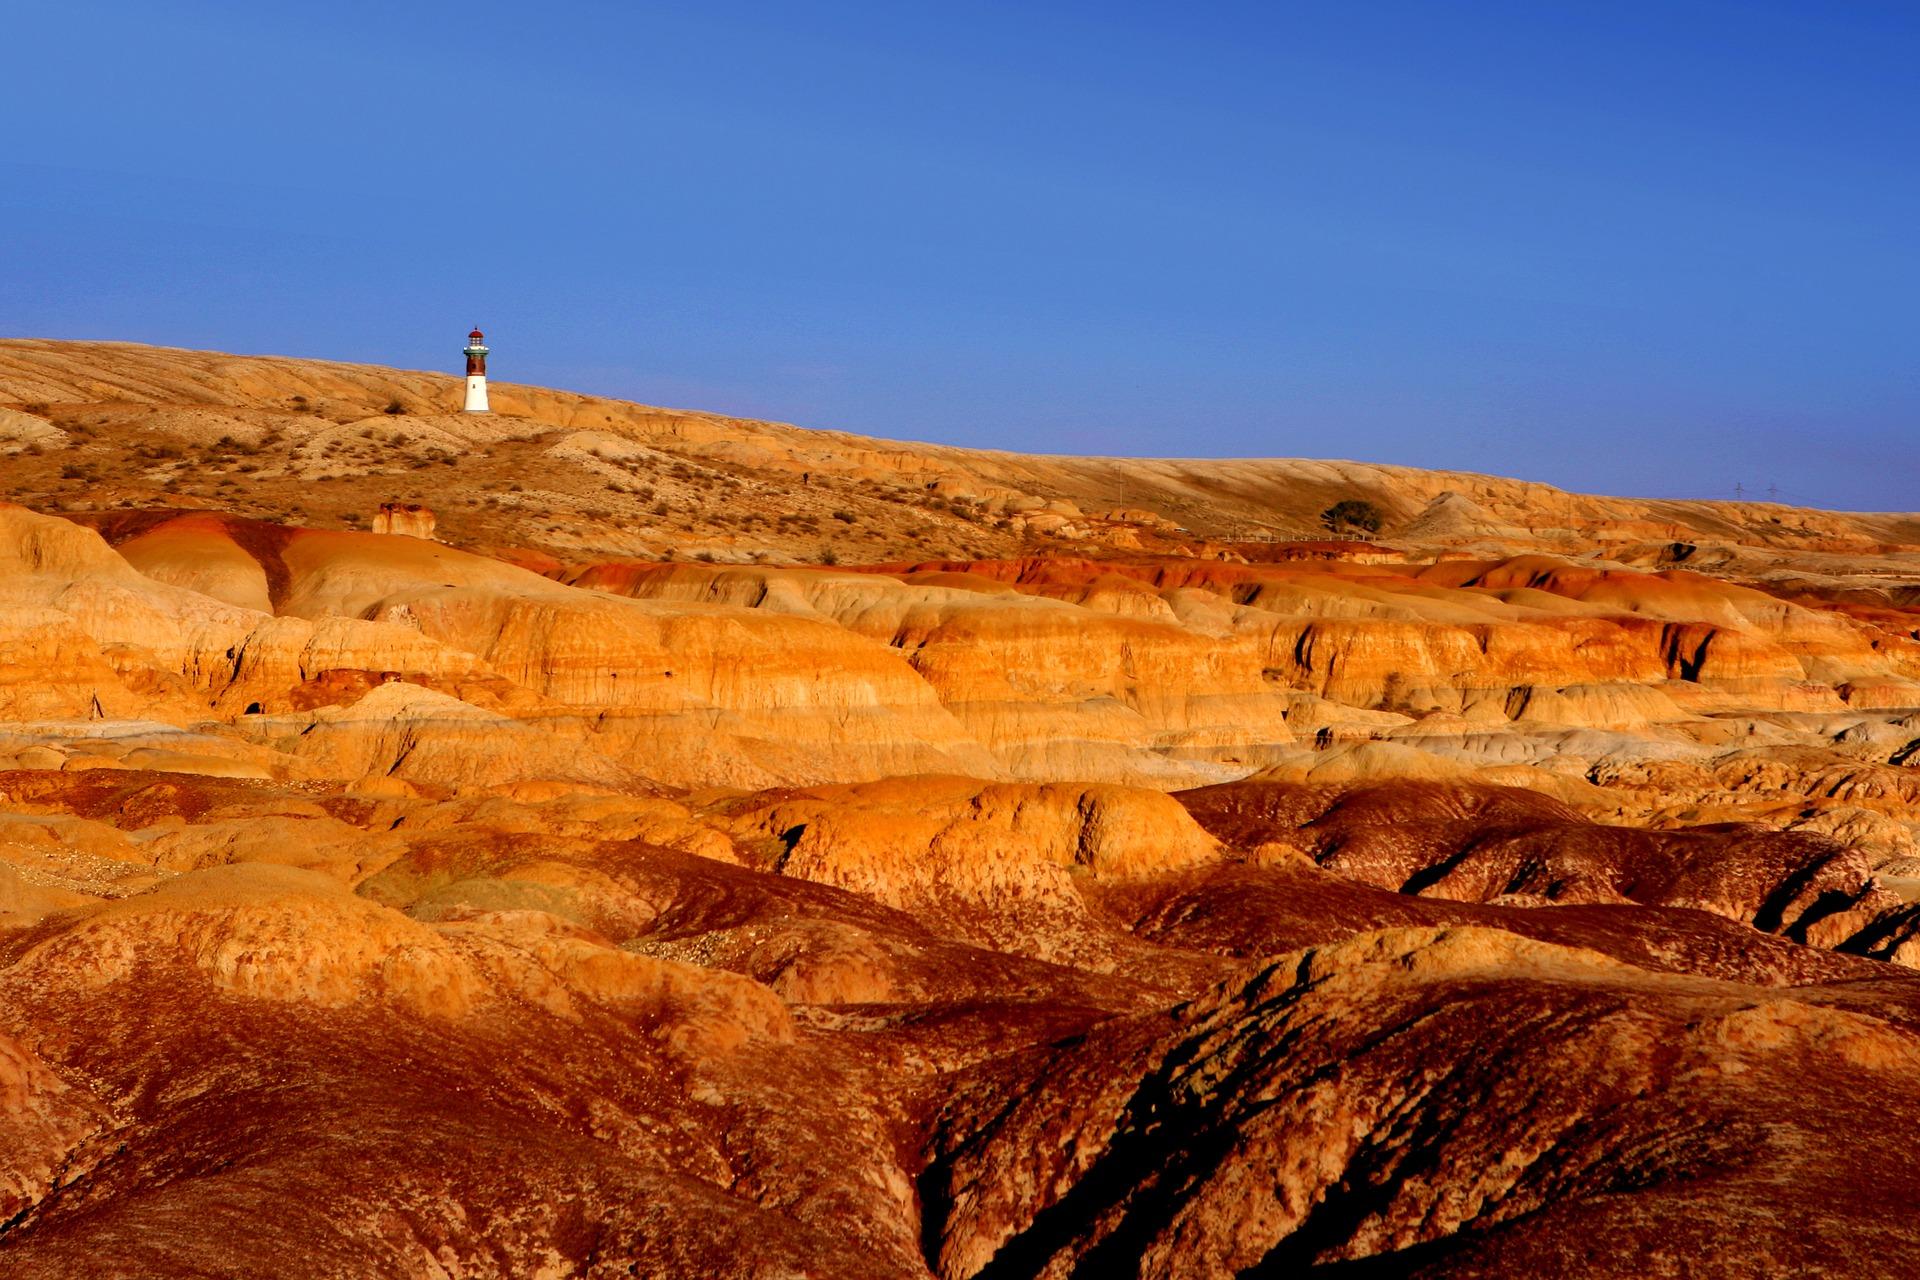 Danxia landscape, China